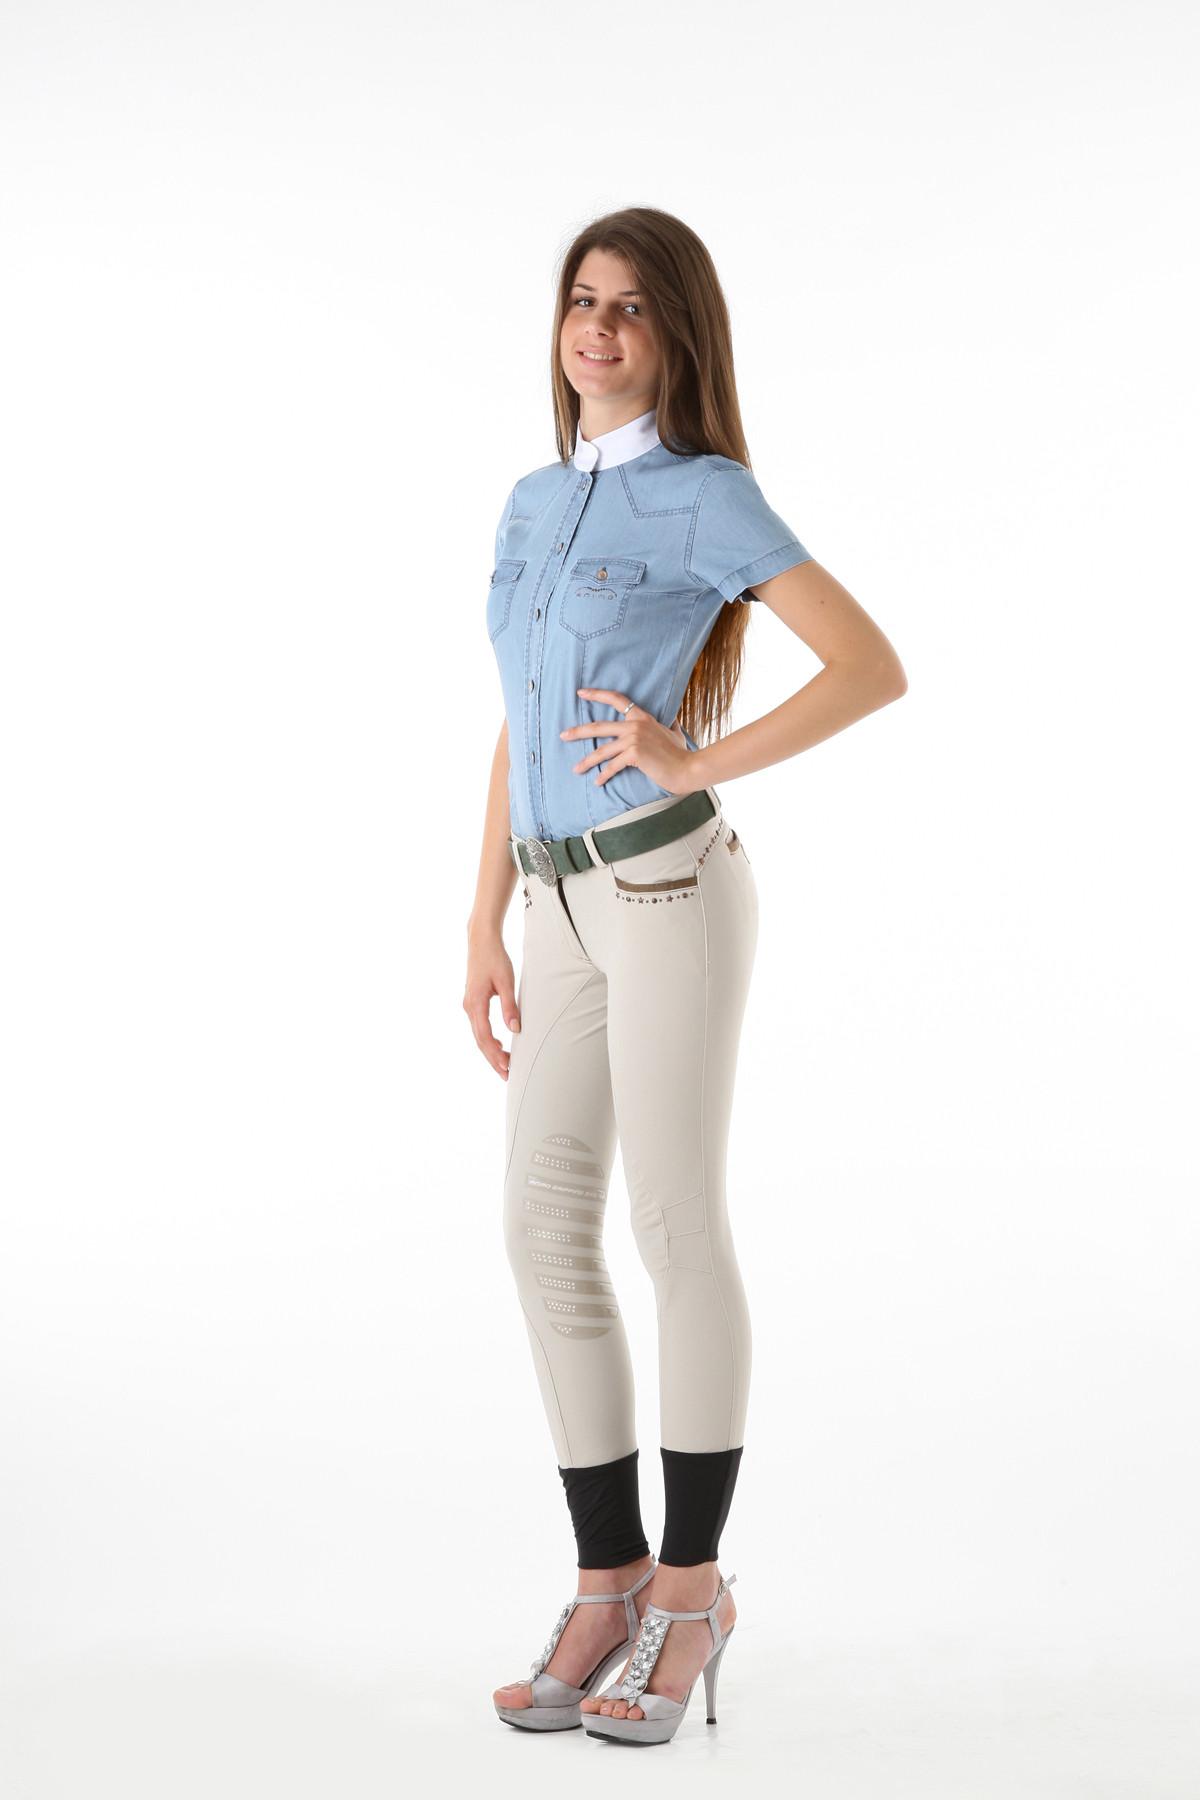 d106fab2dc Animo Italia Pantalone donna modello Nolimit Cop - Ambrosi Sport ...